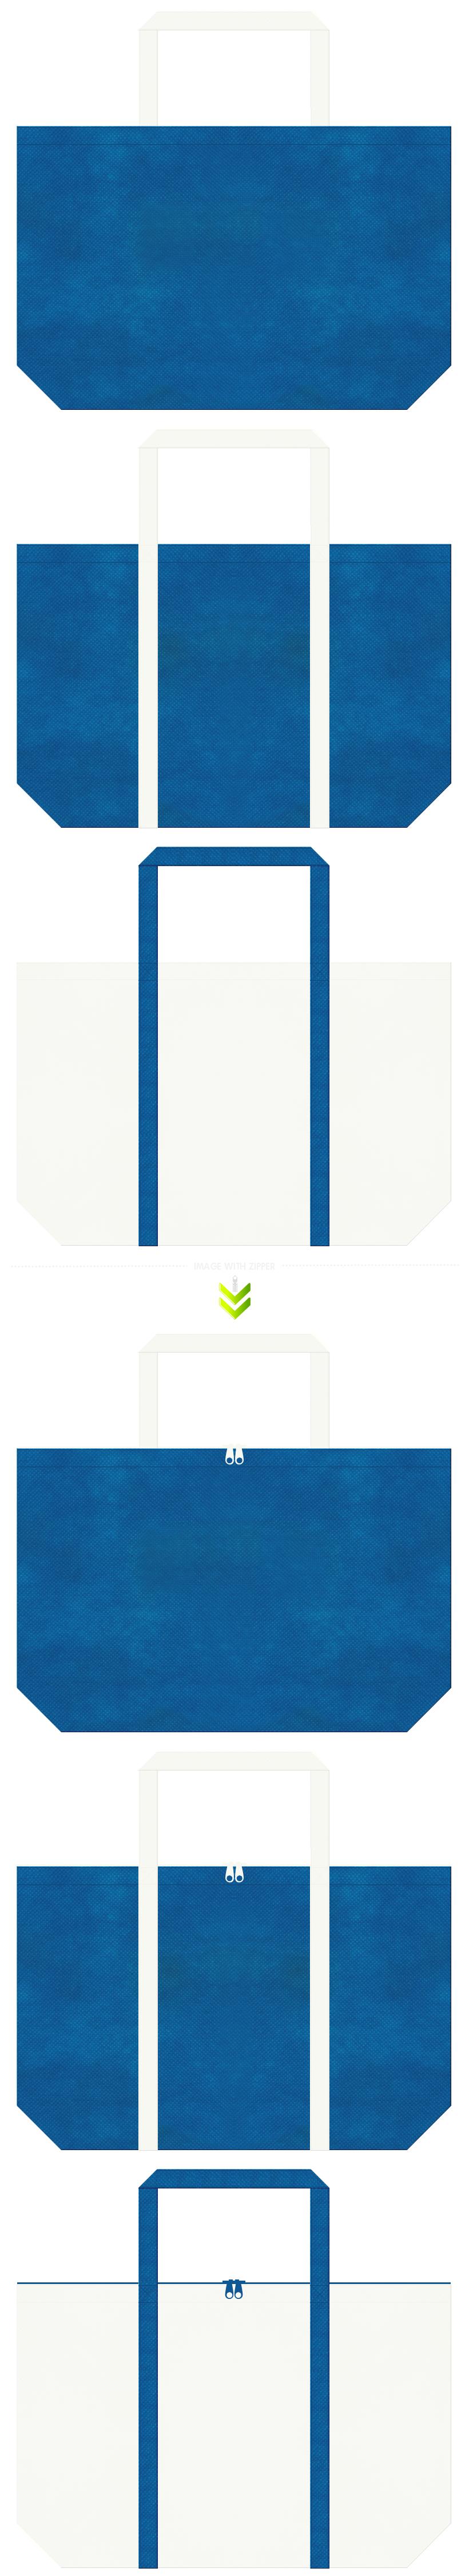 青色とオフホワイト色の不織布エコバッグのデザイン。